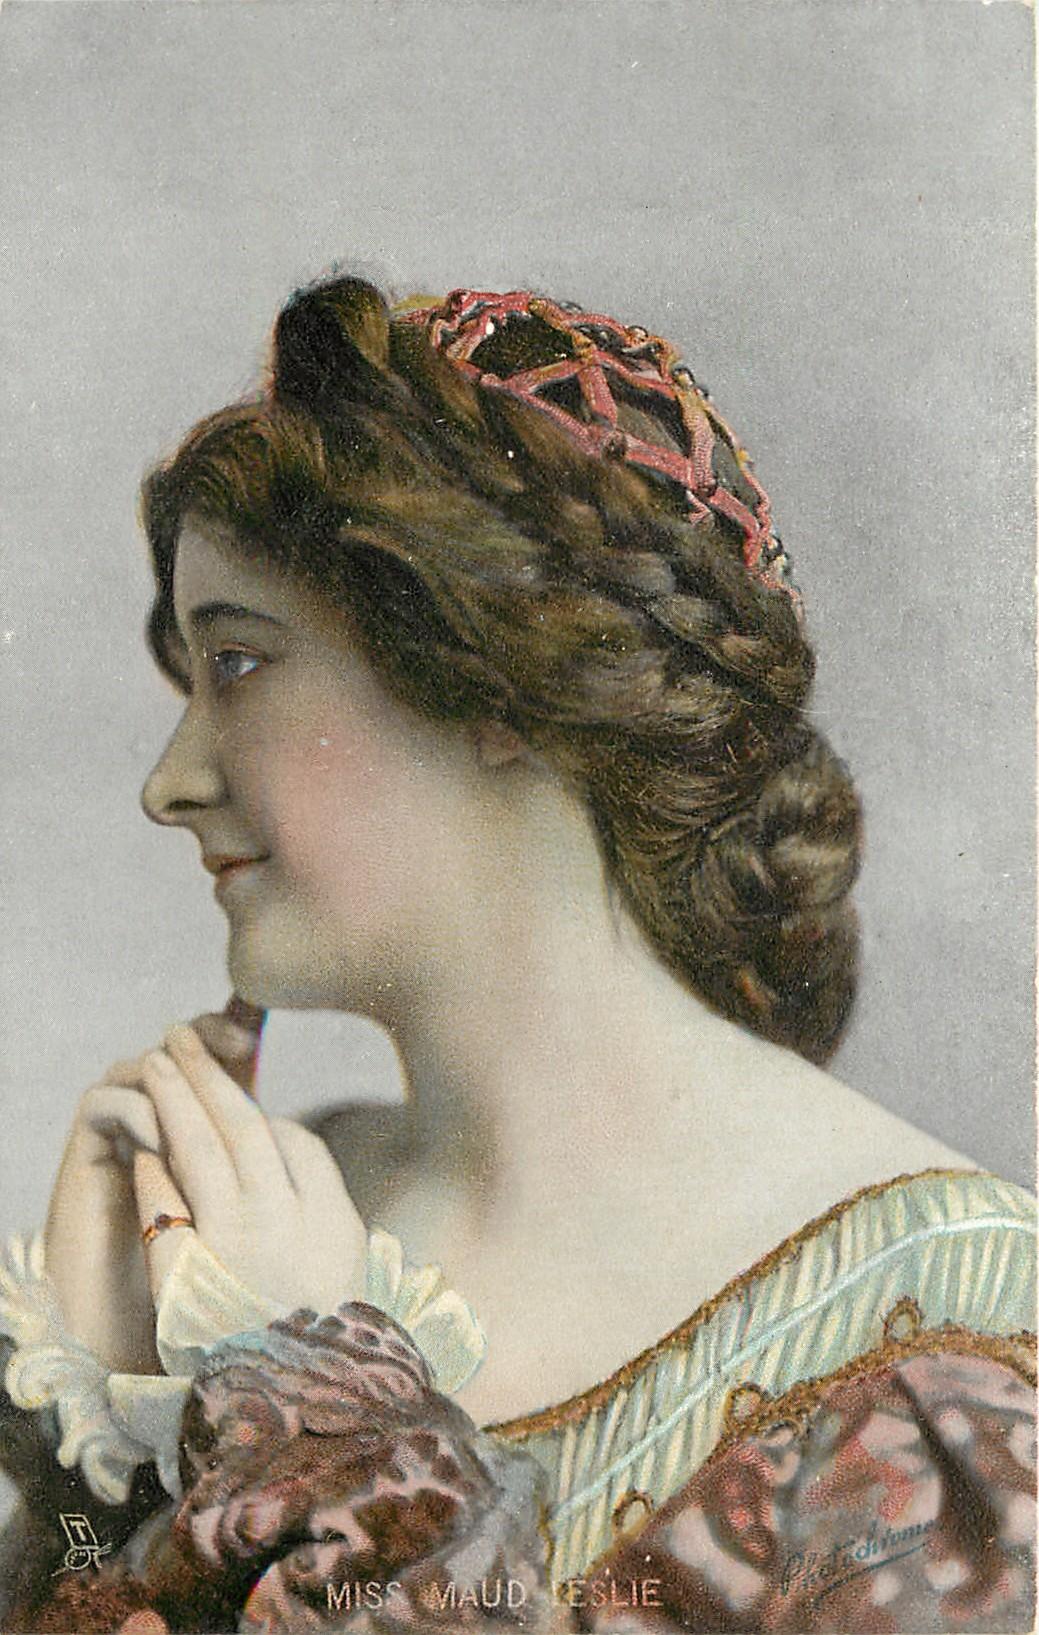 MISS MAUDE LESLIE - TuckDB Postcards